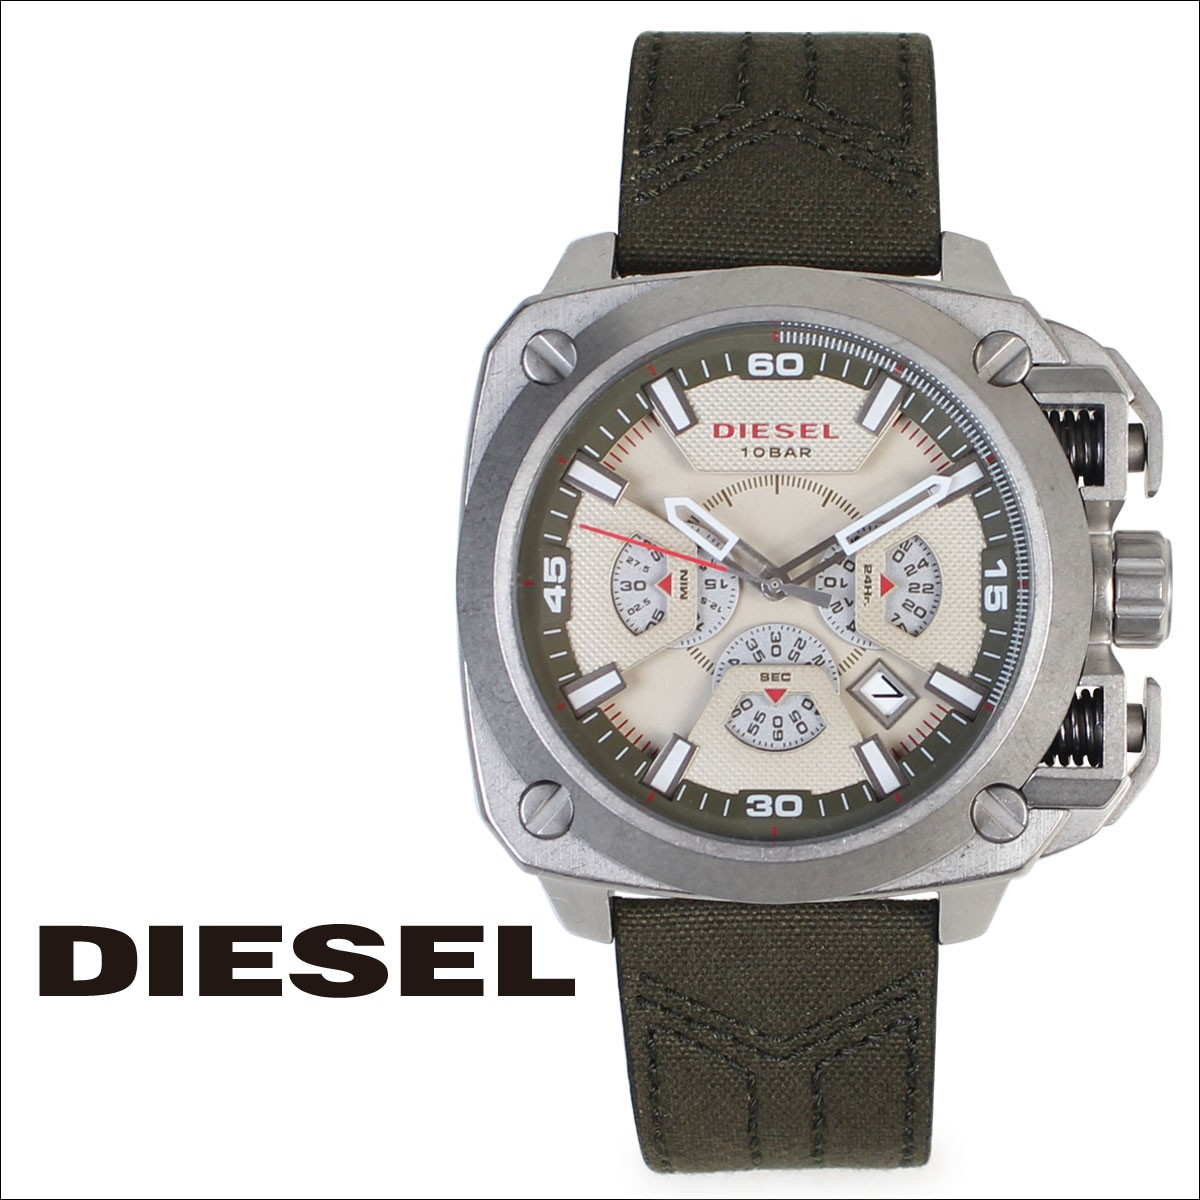 ディーゼル 時計 メンズ DIESEL 腕時計 50mm BAMF DZ7367 オリーブ グリーン